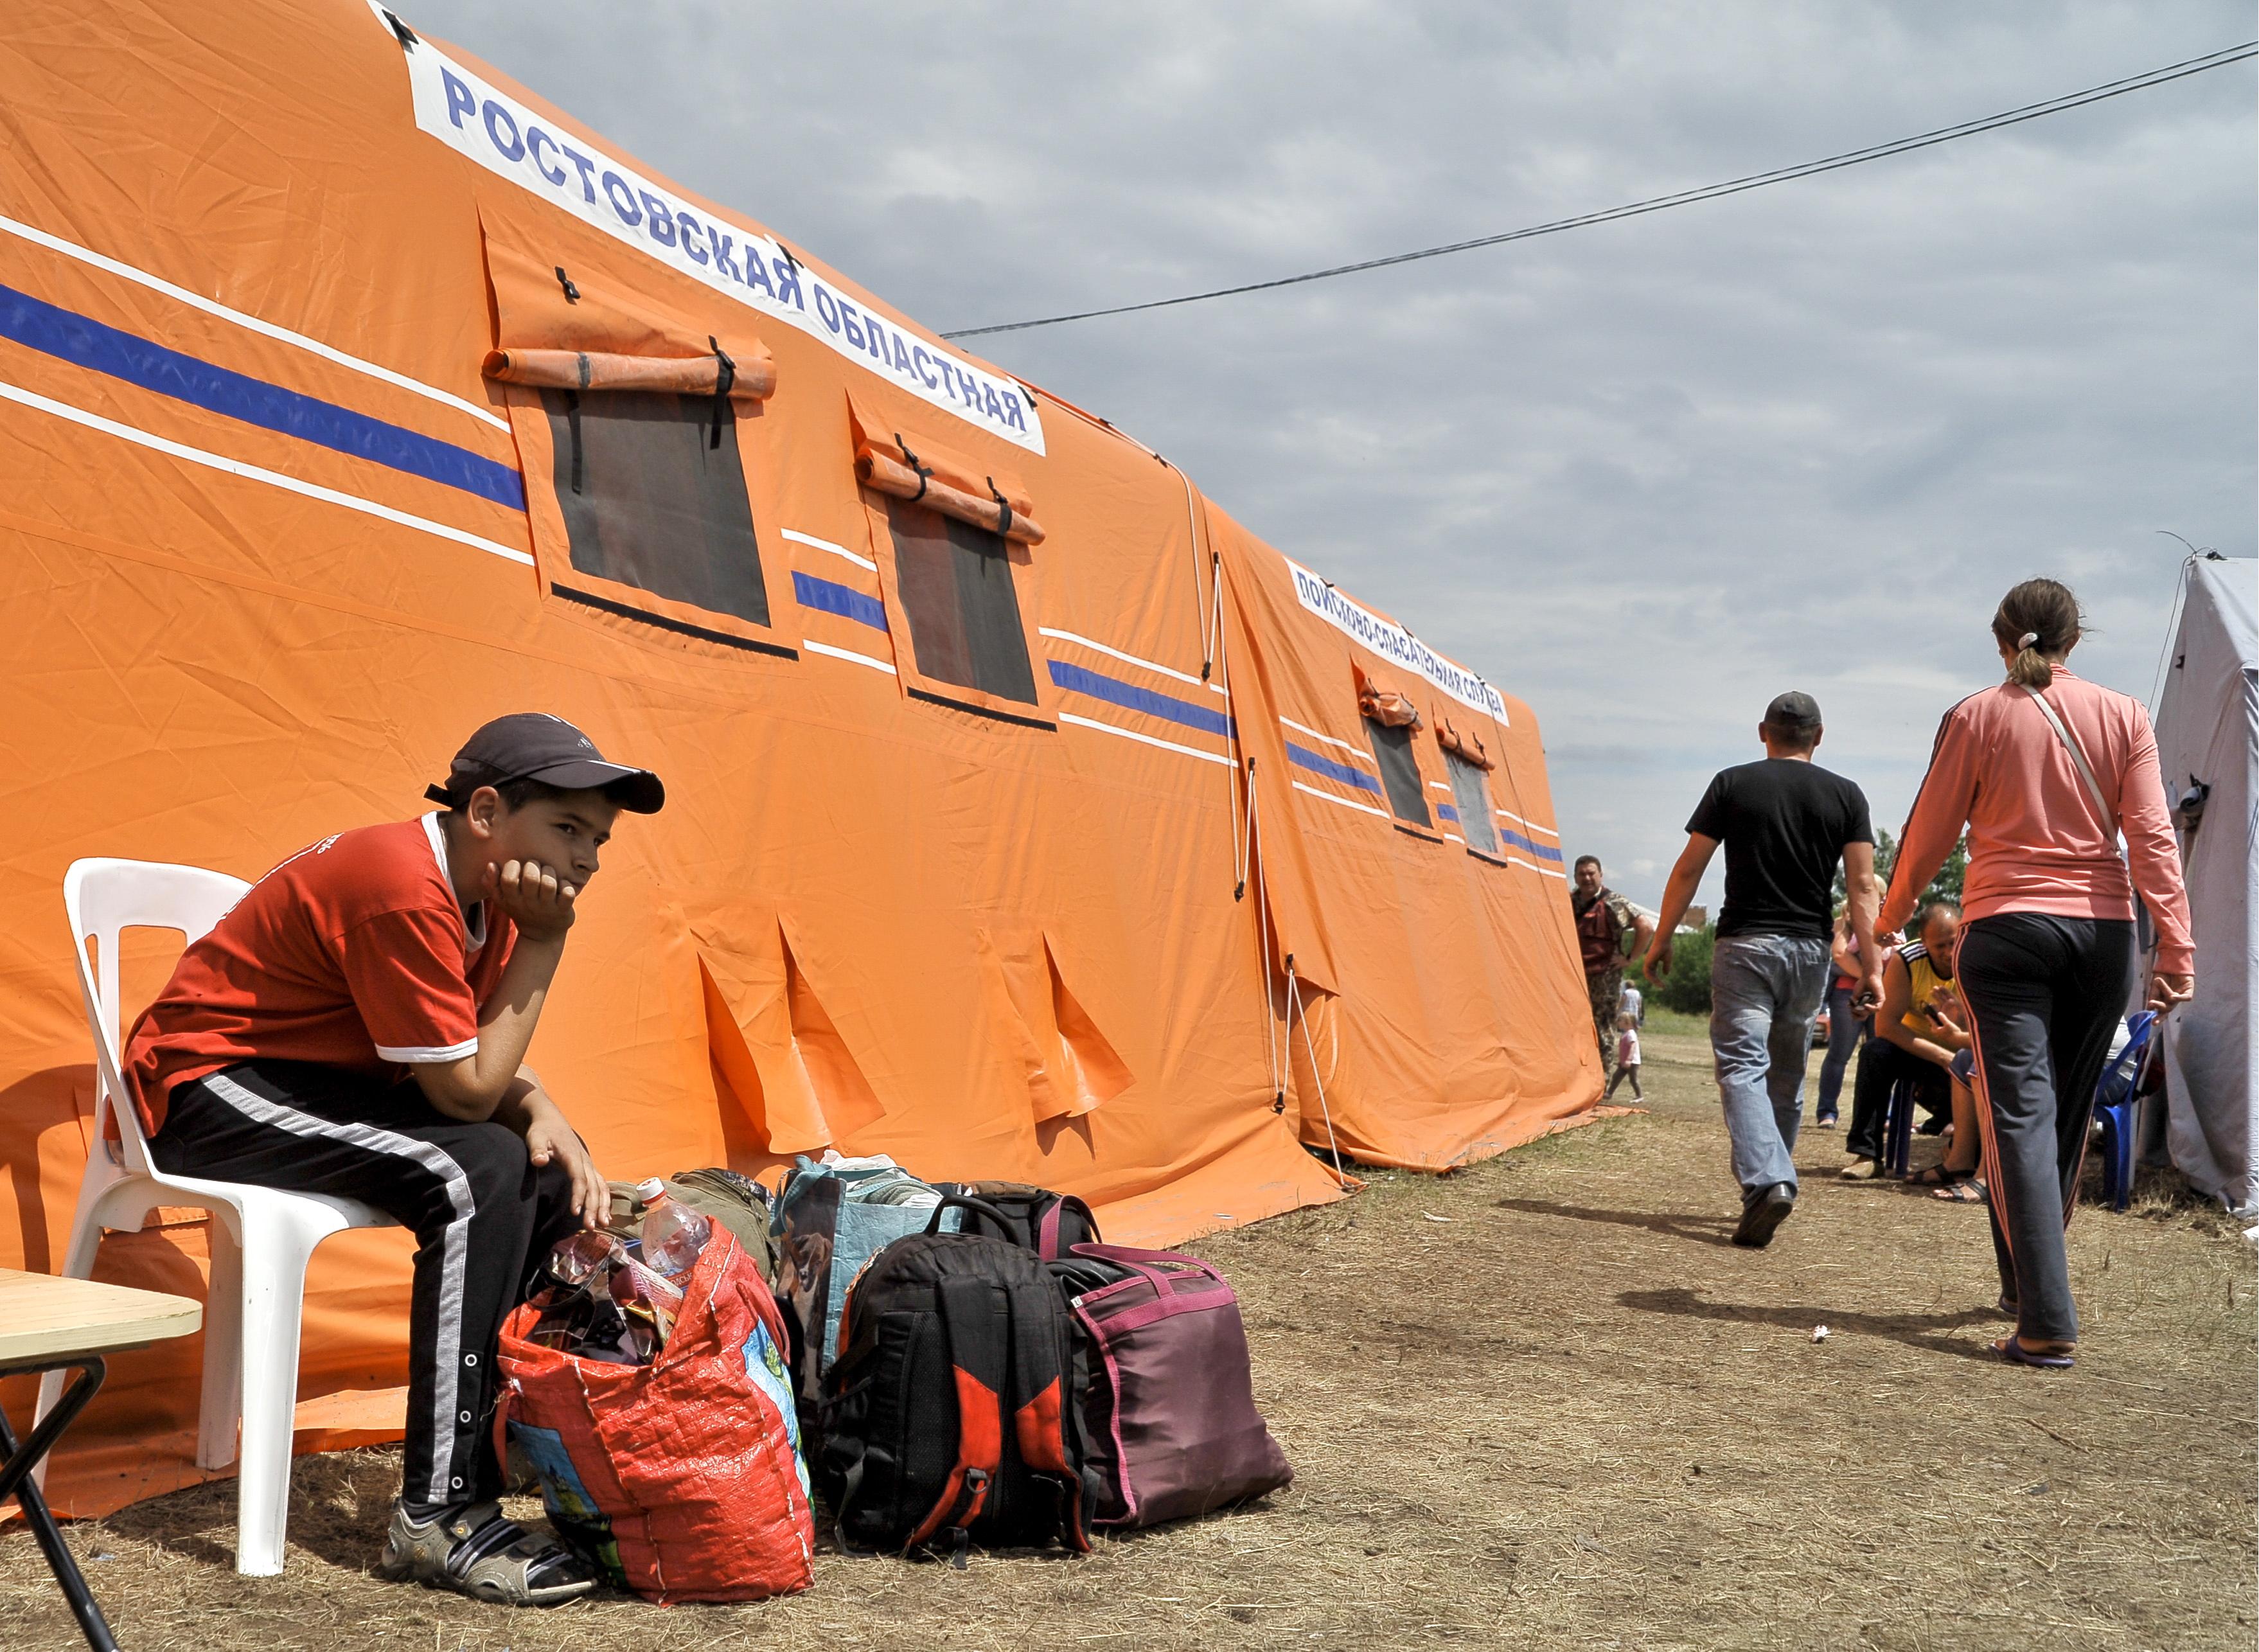 На территории палаточного лагеря для беженцев под Донецком Ростовской области